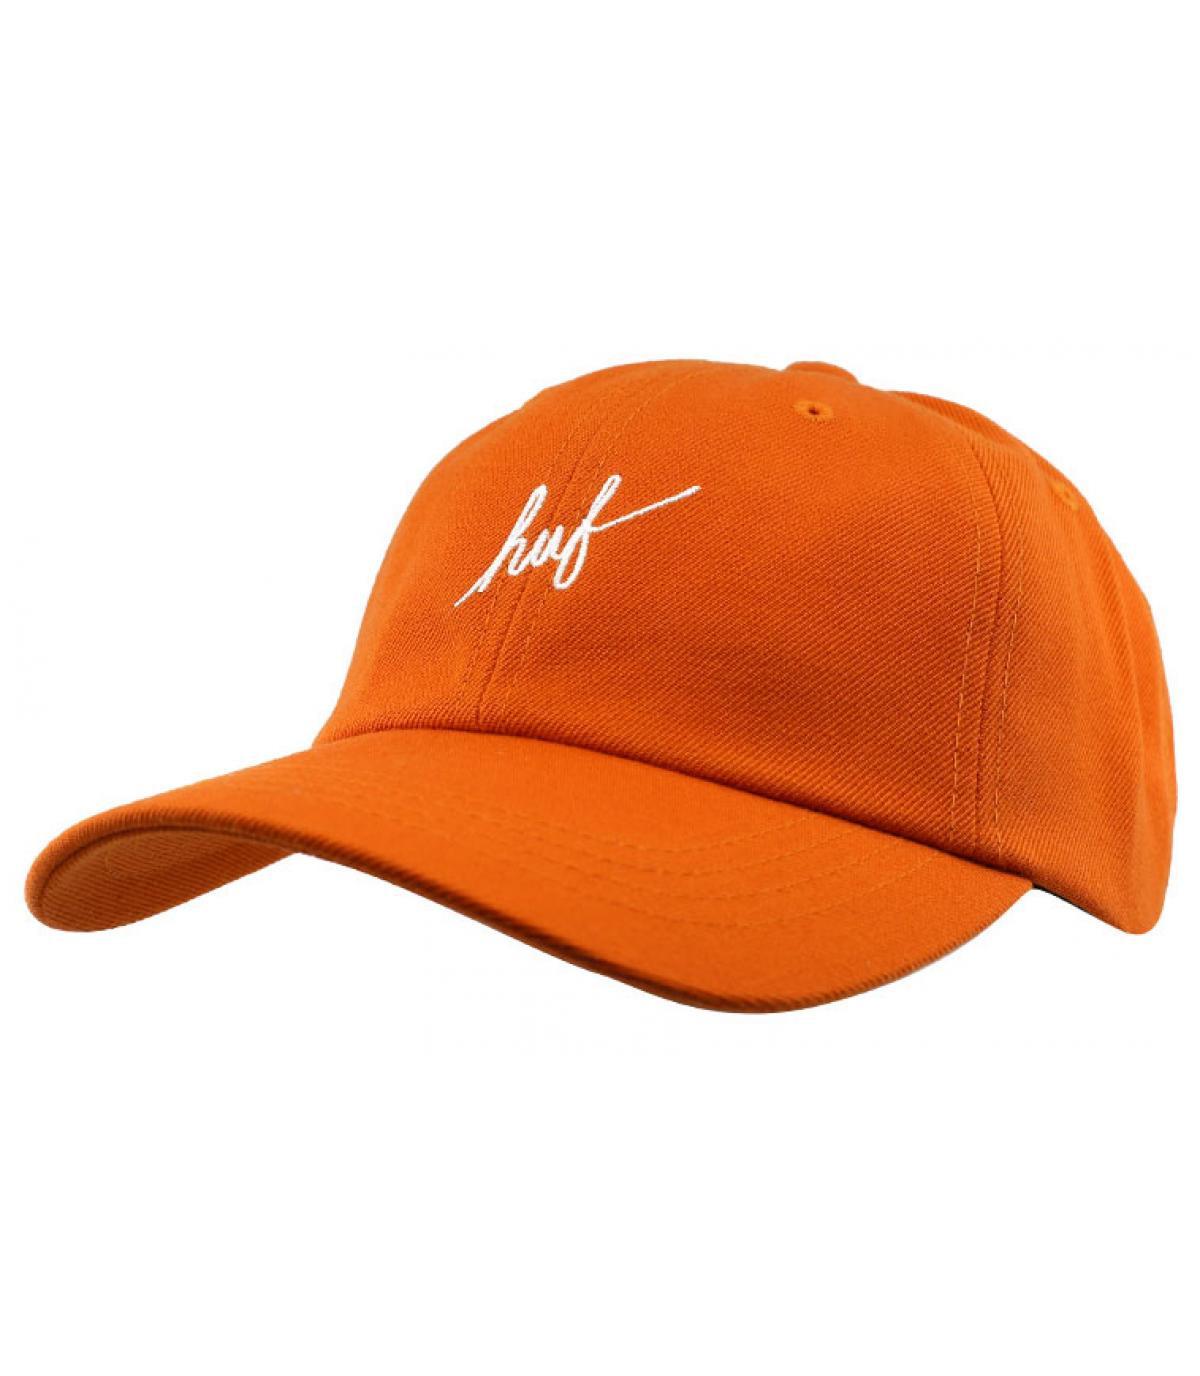 casquette Huf orange